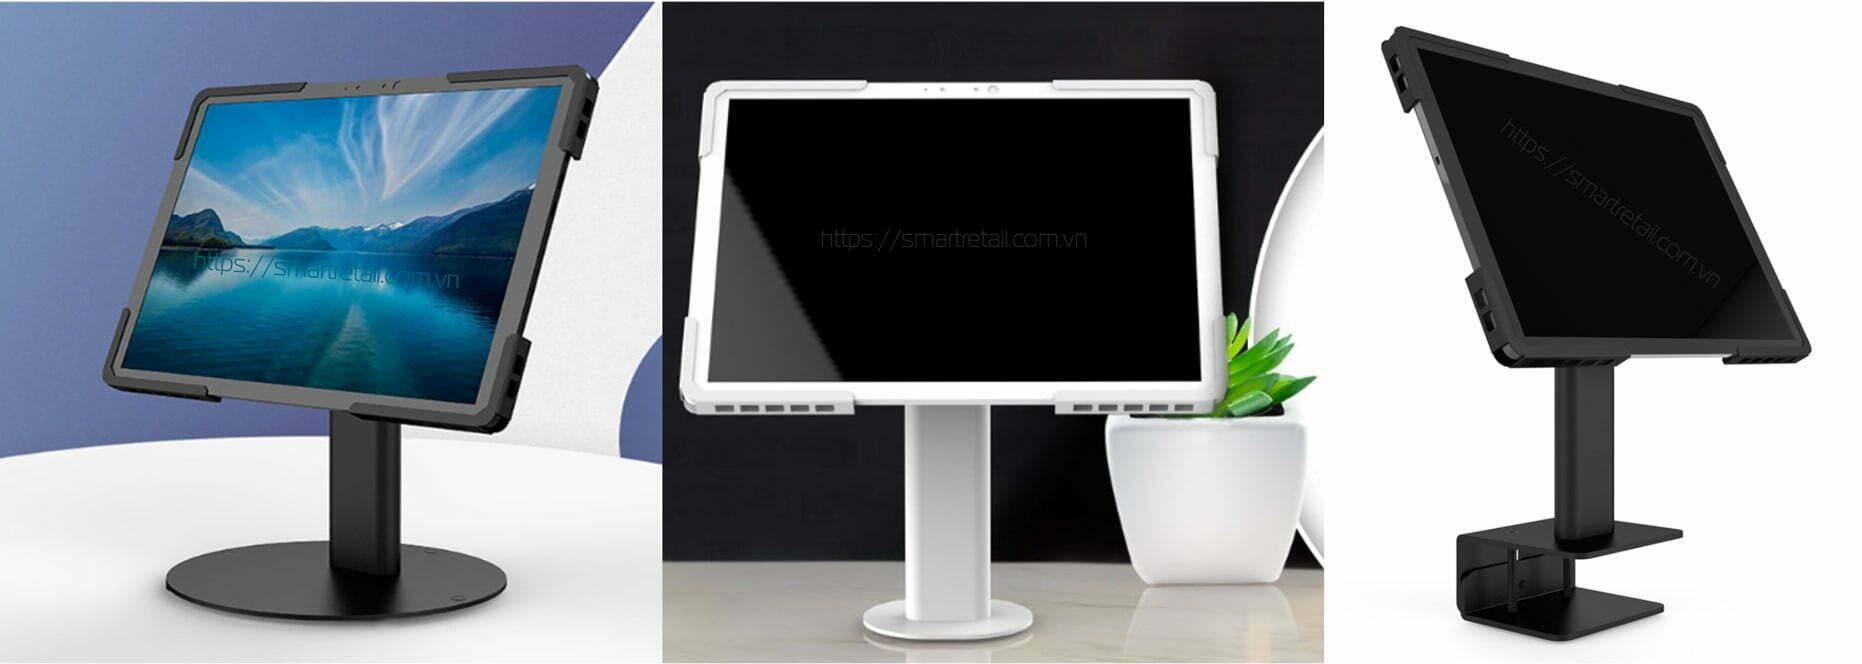 Giá đỡ máy tính bảng để bàn | SmartRetail